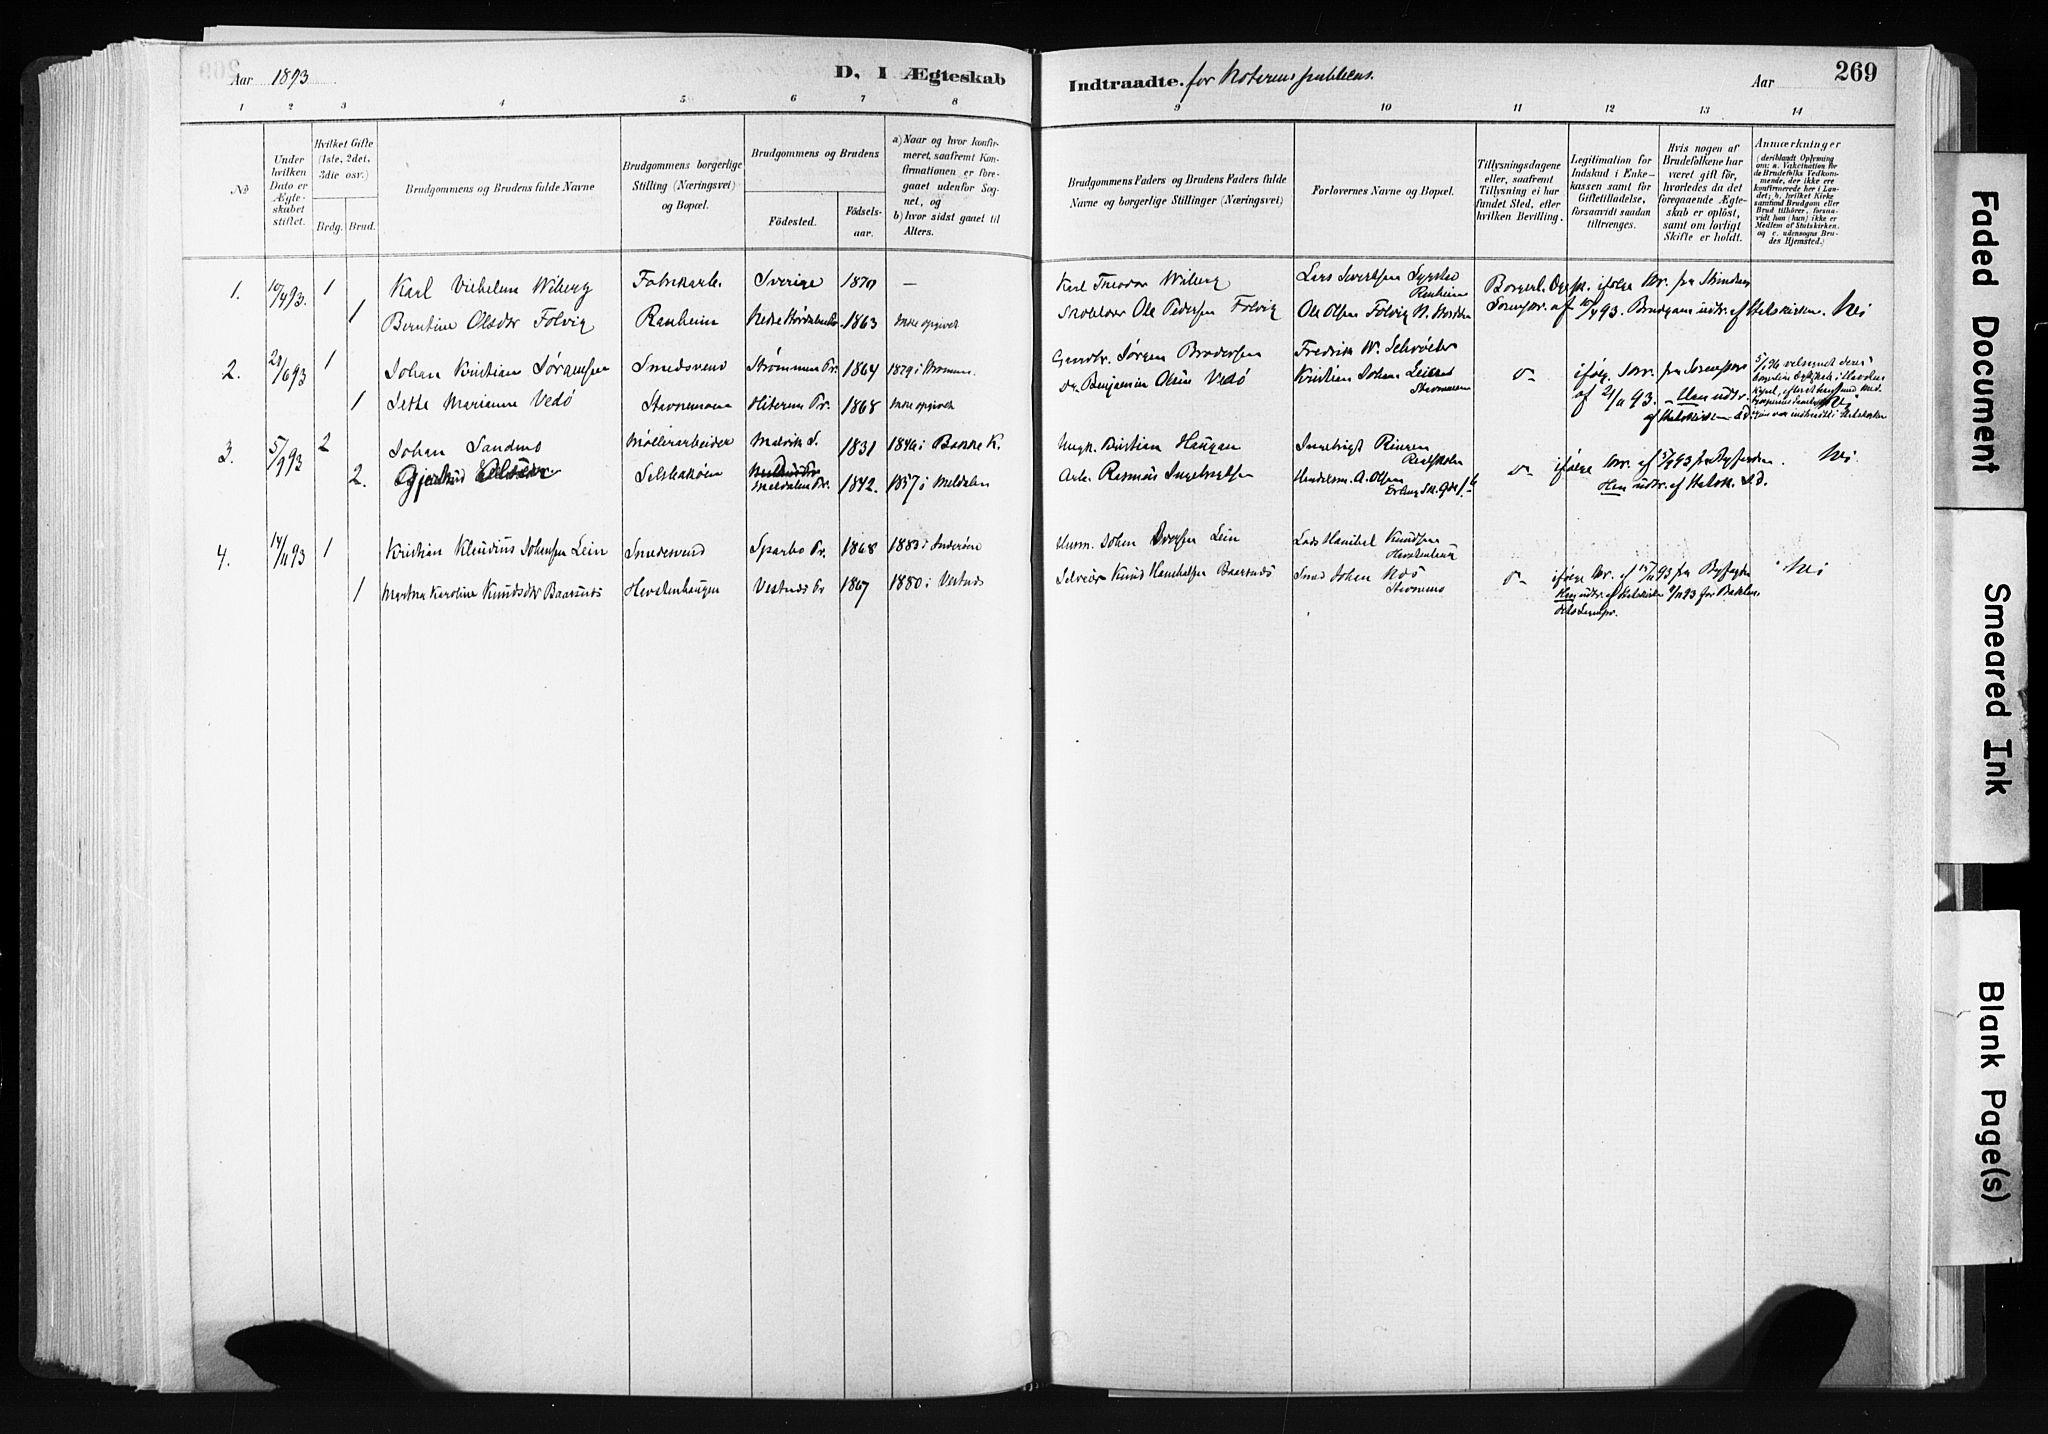 SAT, Ministerialprotokoller, klokkerbøker og fødselsregistre - Sør-Trøndelag, 606/L0300: Ministerialbok nr. 606A15, 1886-1893, s. 269